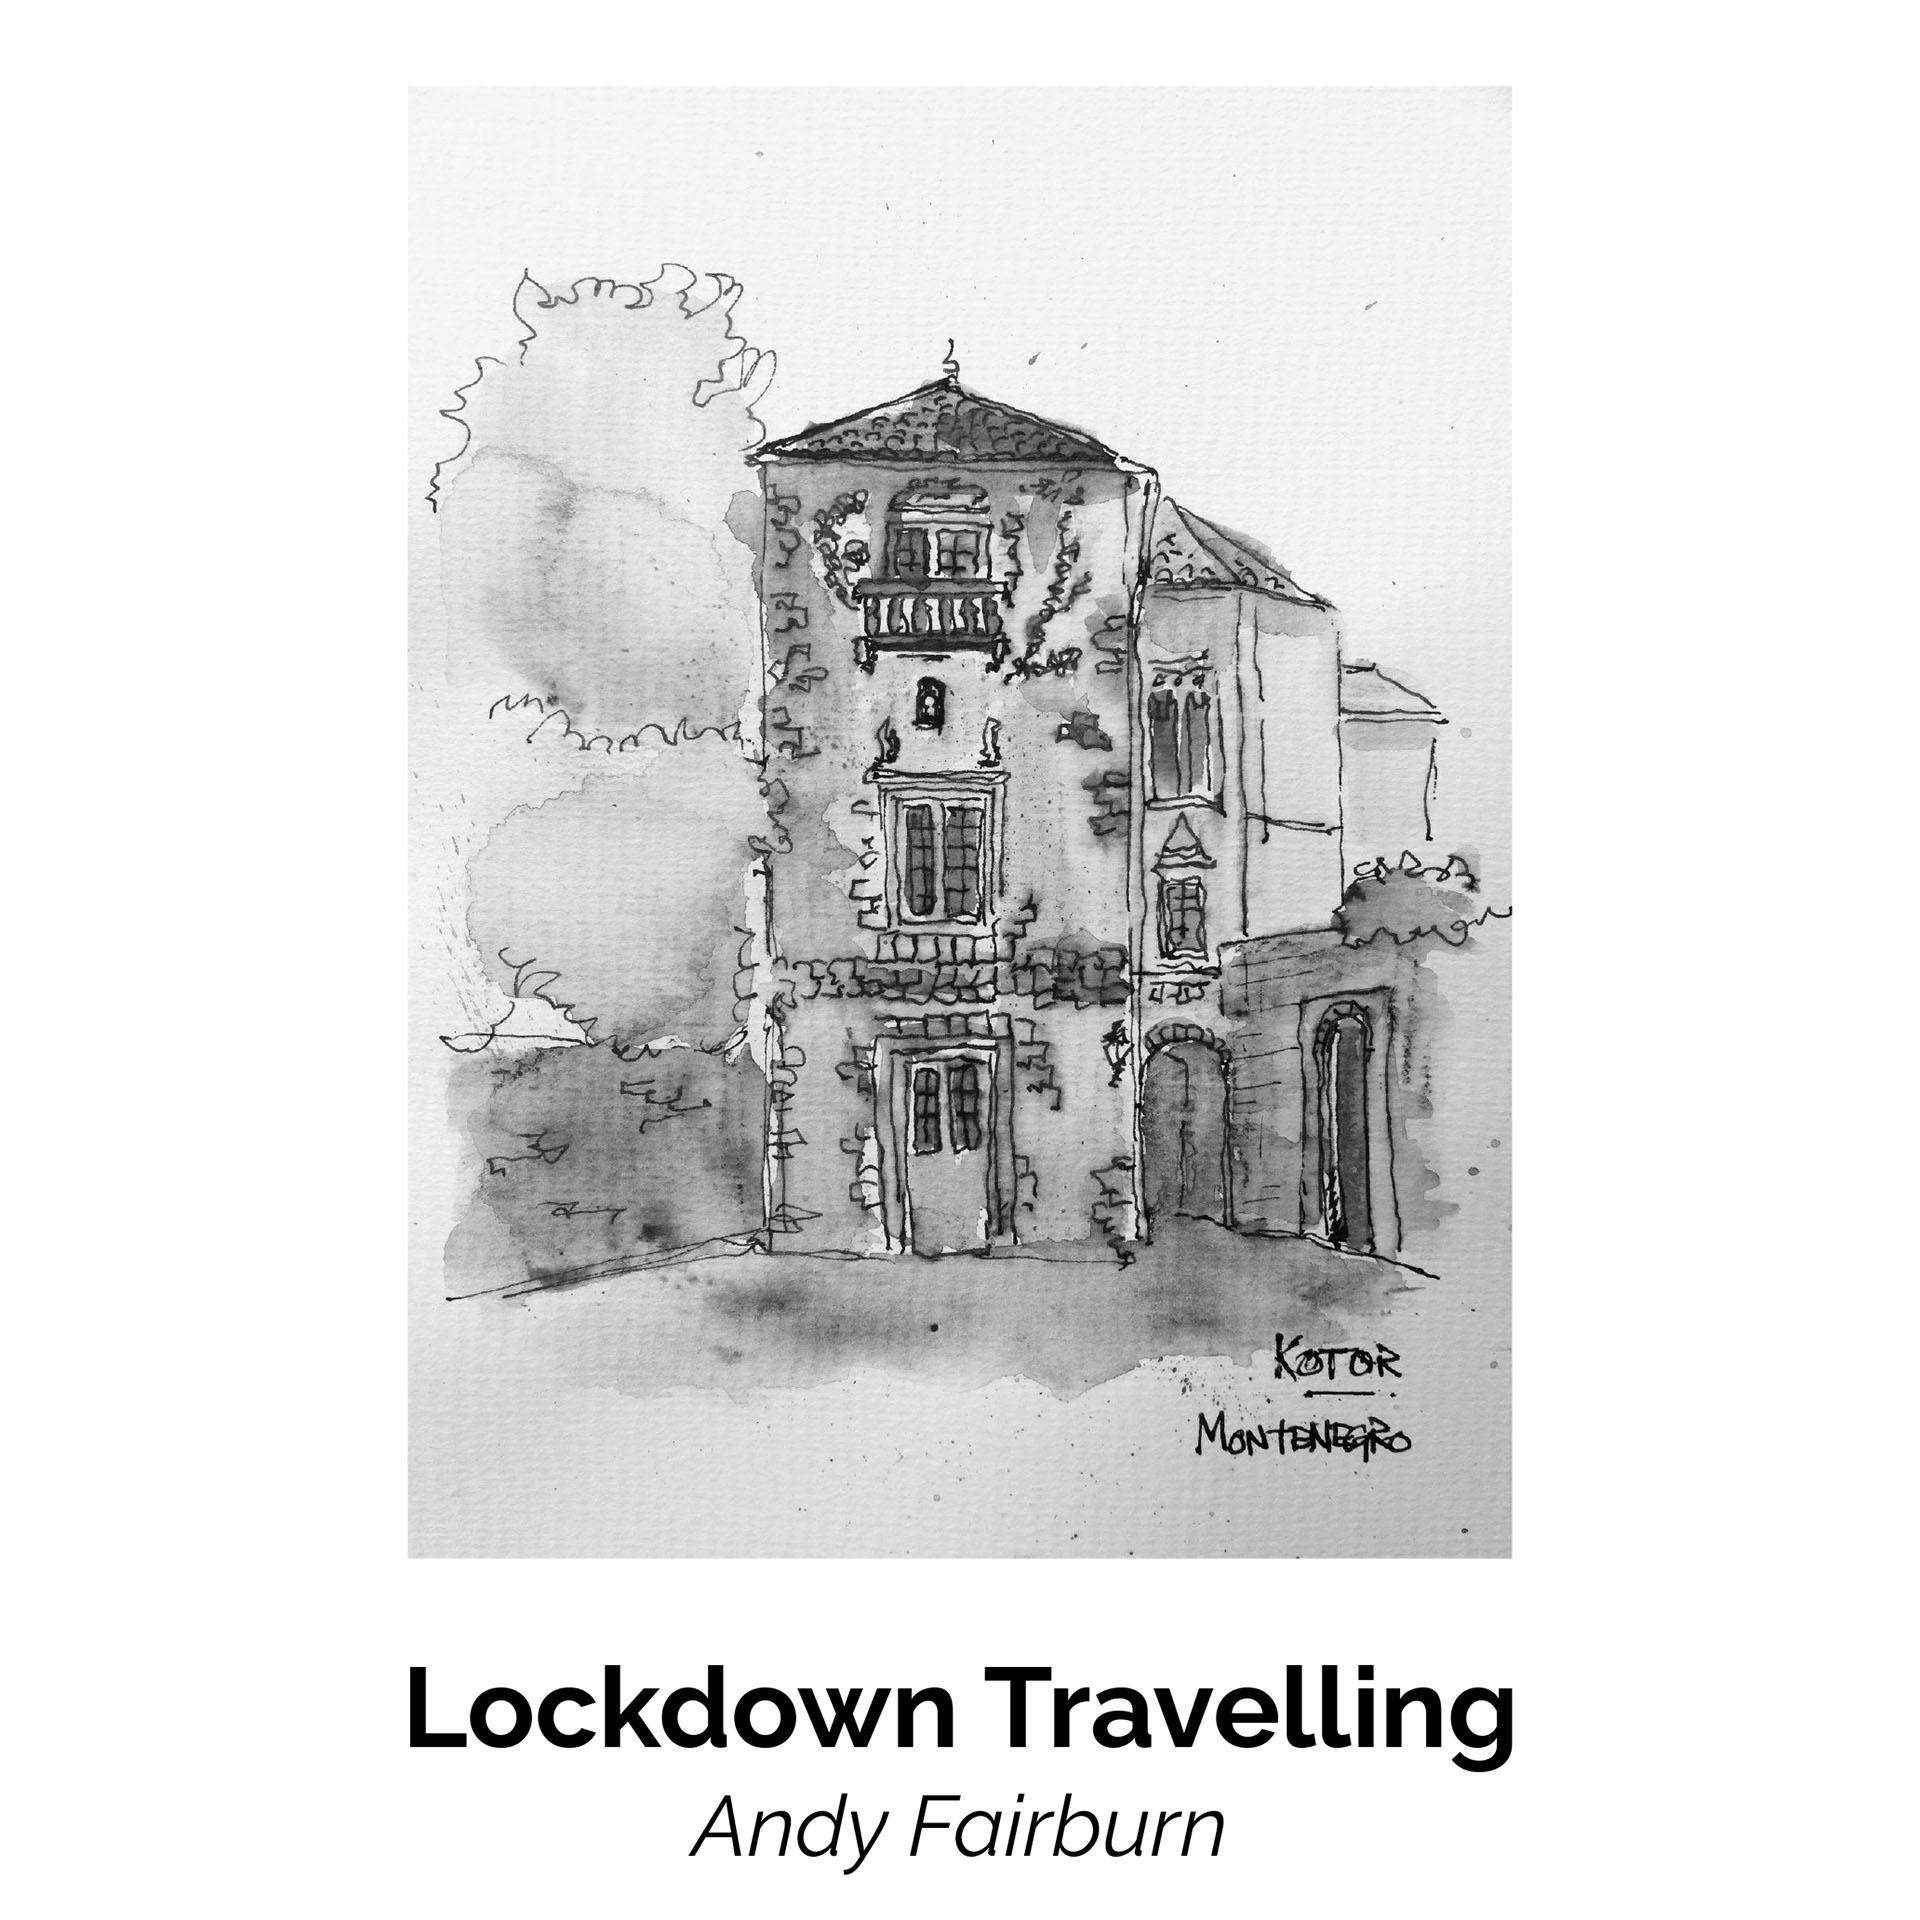 Lockdown Travelling